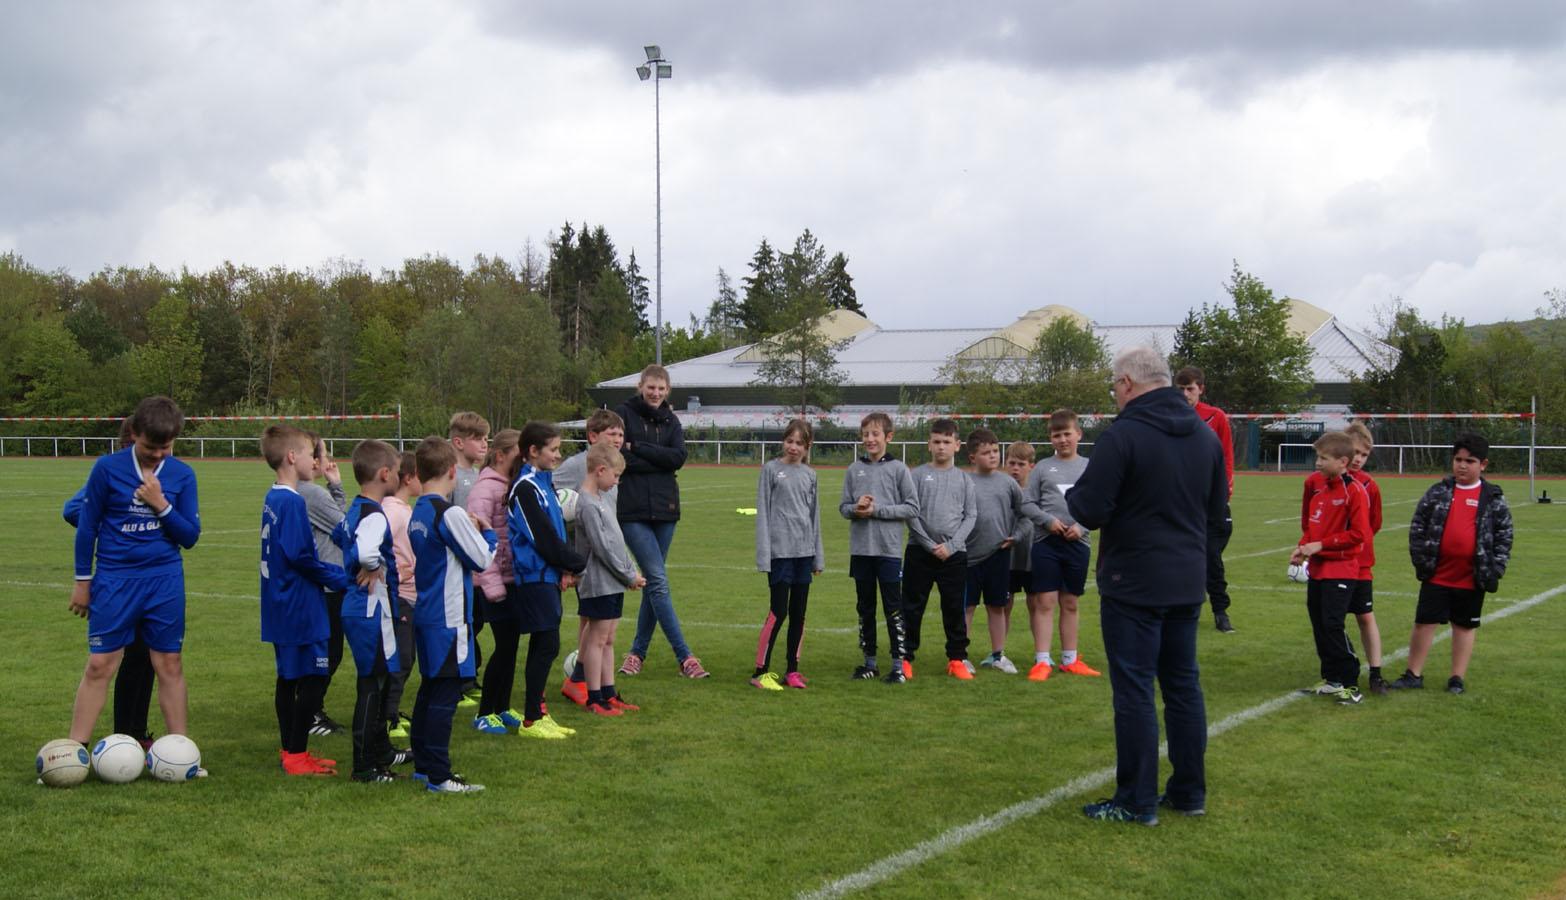 Trotz des wenig frühlingshaften Wetters traten alle Mannschaften zum ersten Spieltag der U12 in Kirchen an.